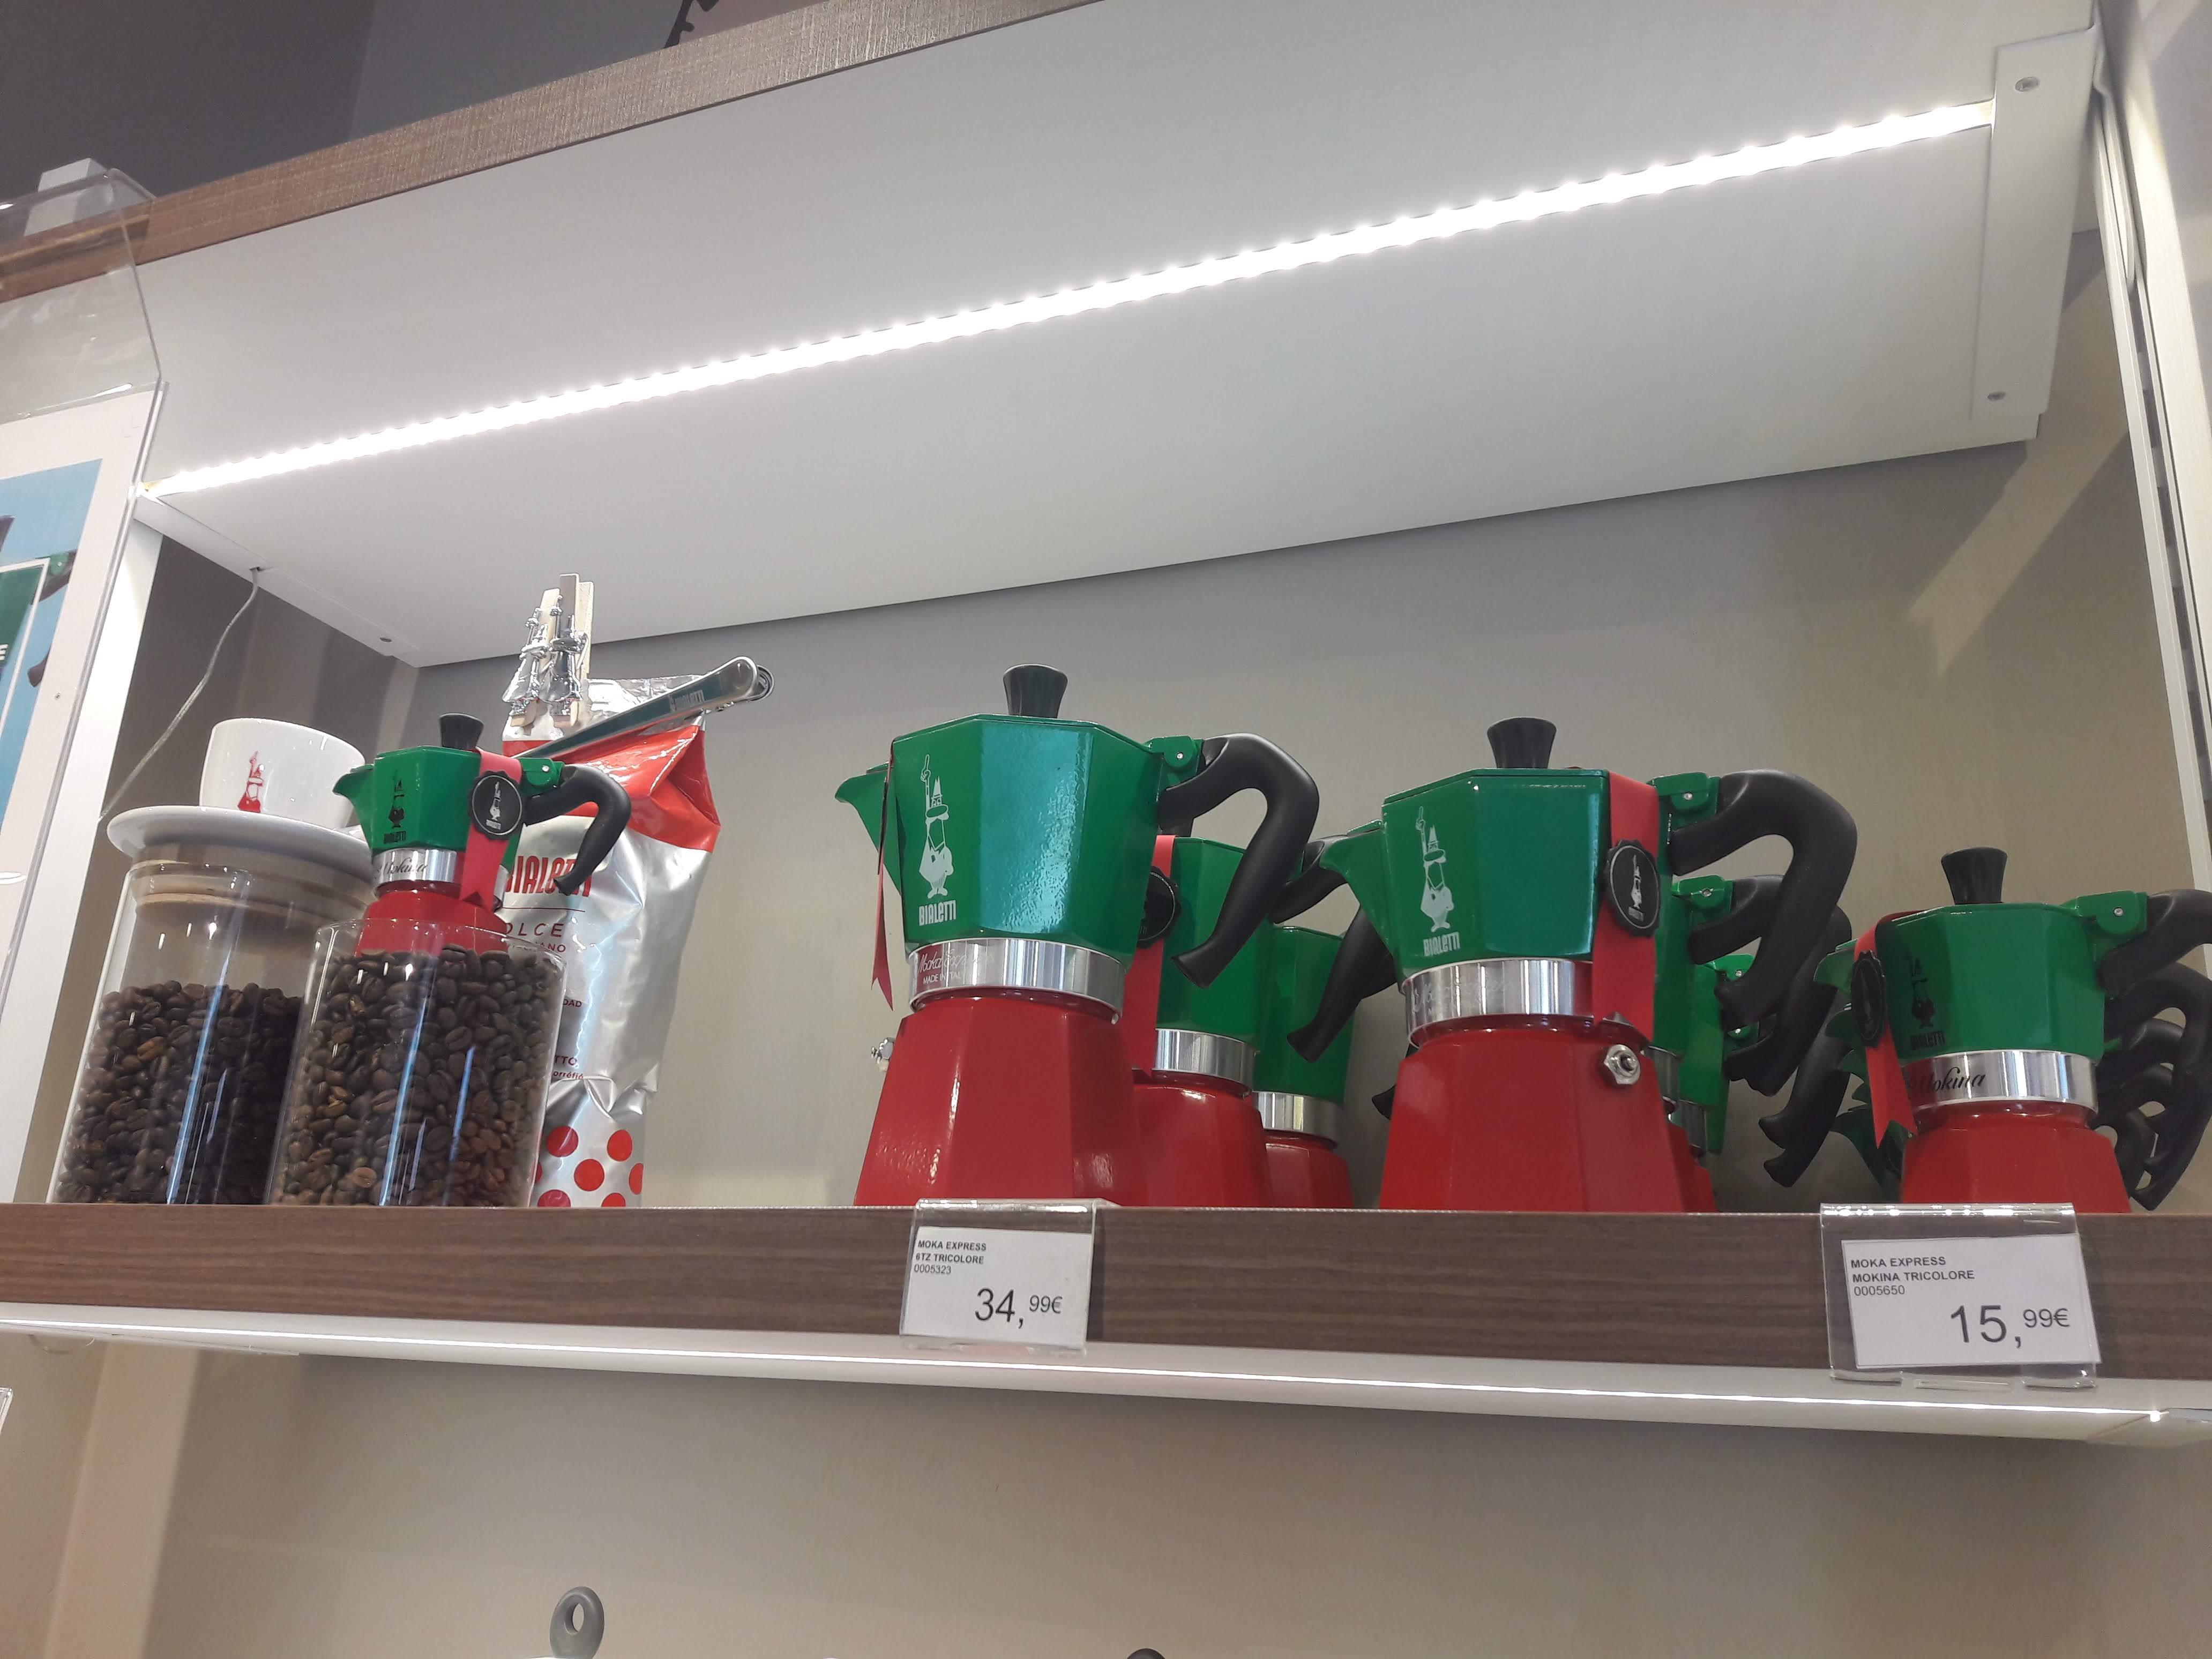 Где купить кофеварку Bialetti в Италии